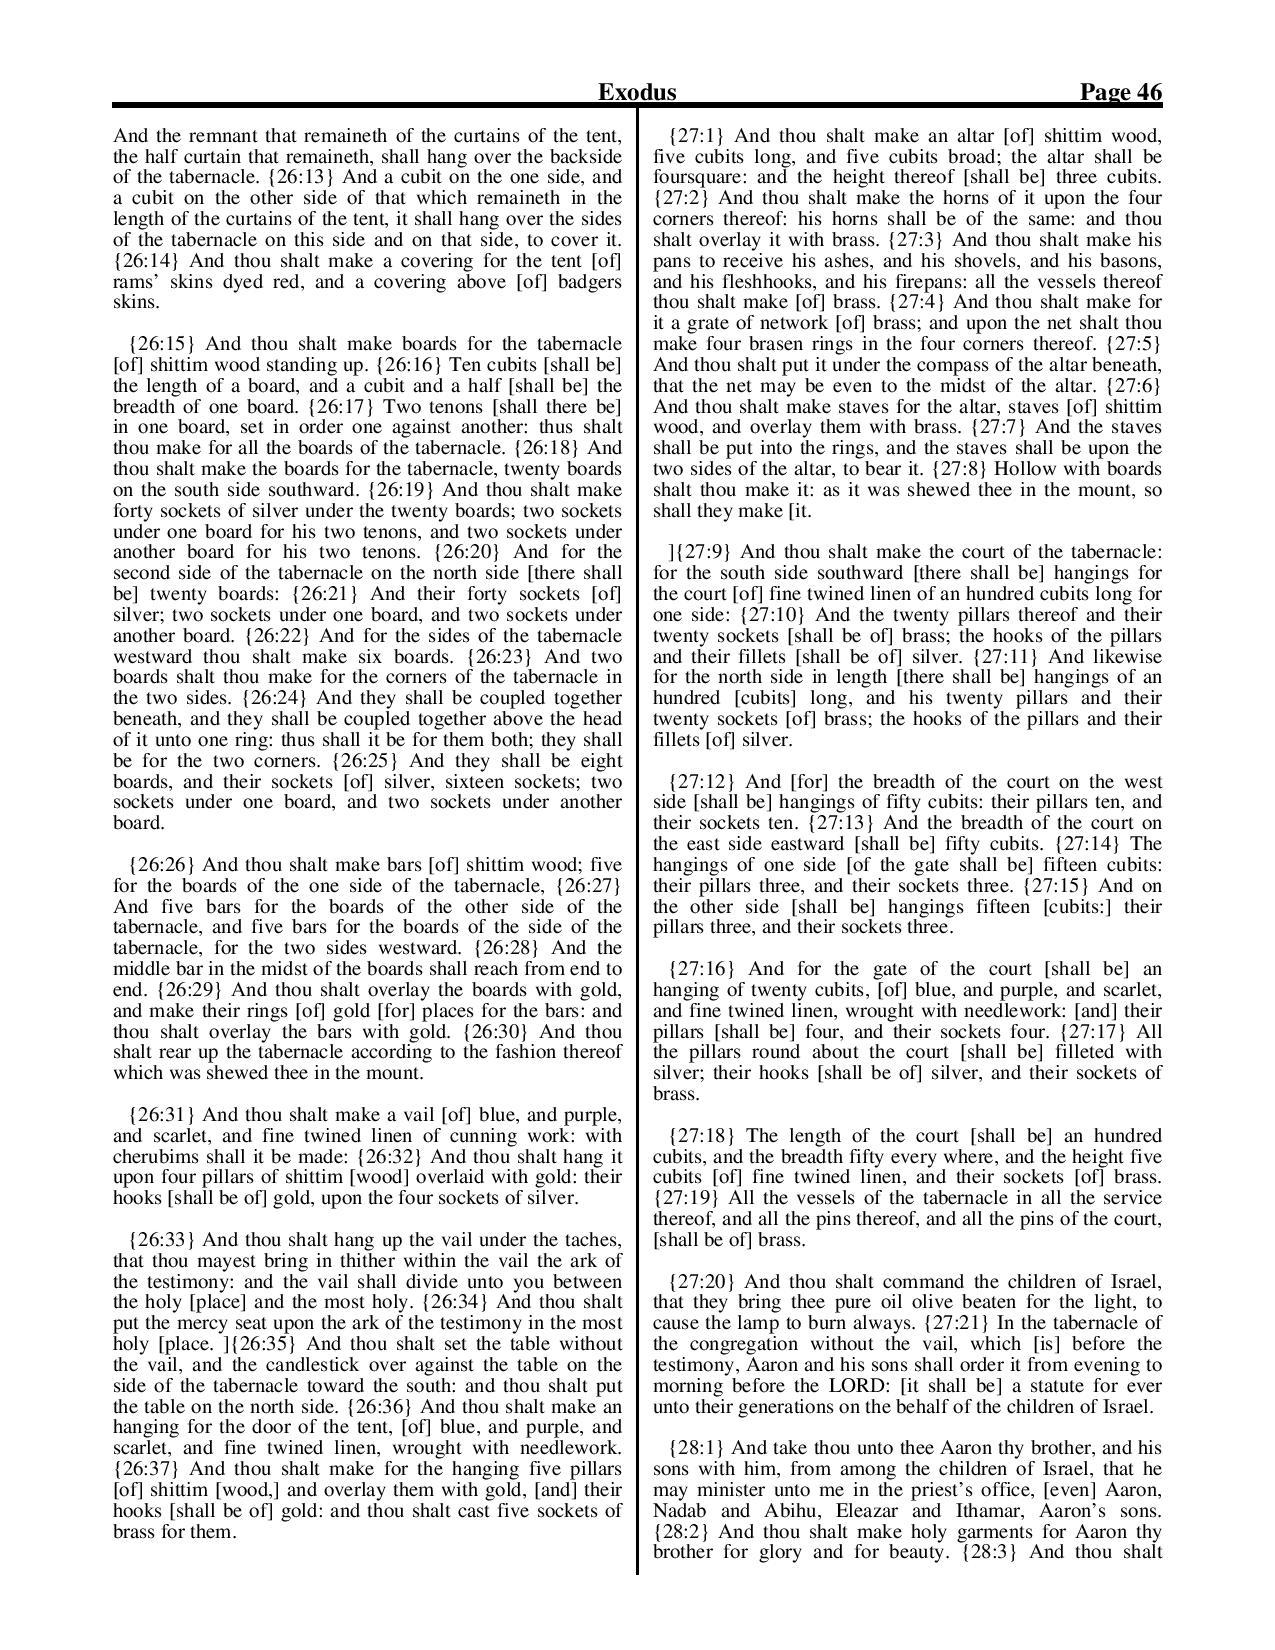 King-James-Bible-KJV-Bible-PDF-page-067